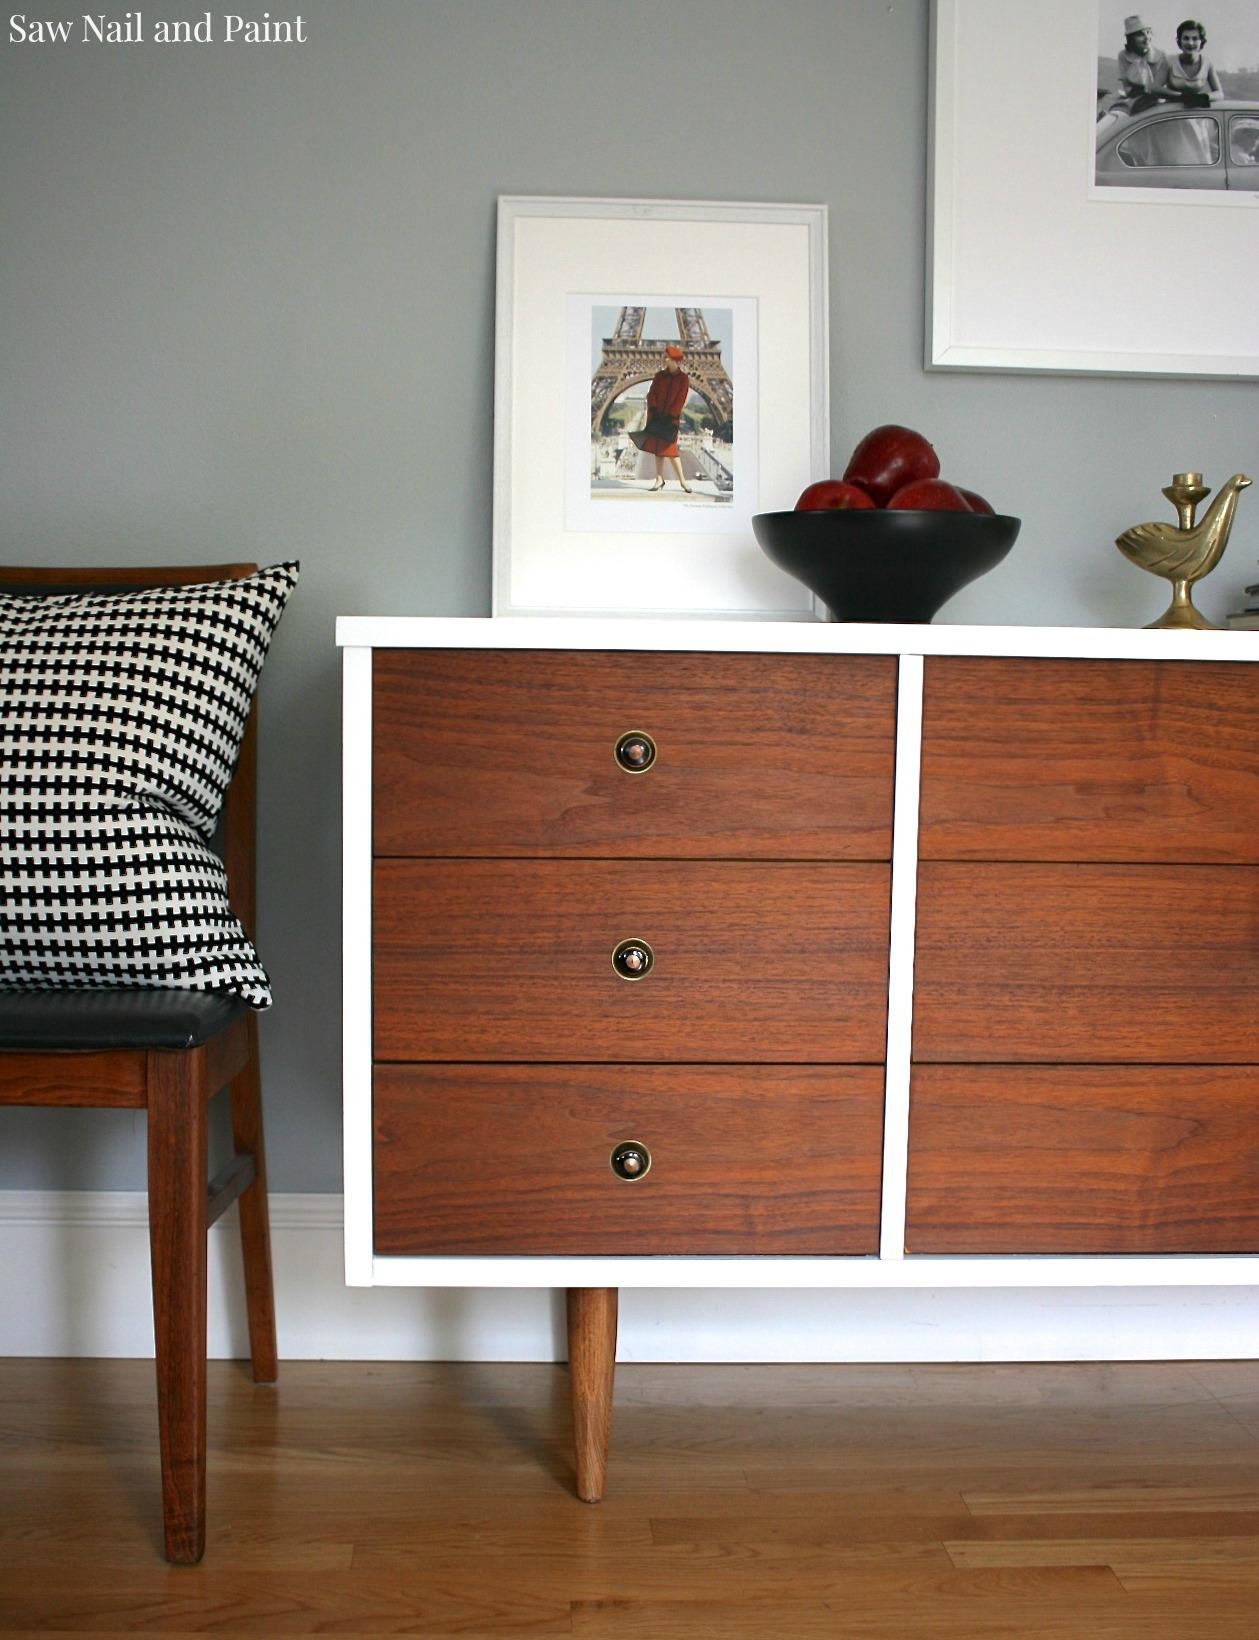 bassett mid century dresser makeover  saw nail and paint - bassett mid century dresser close up